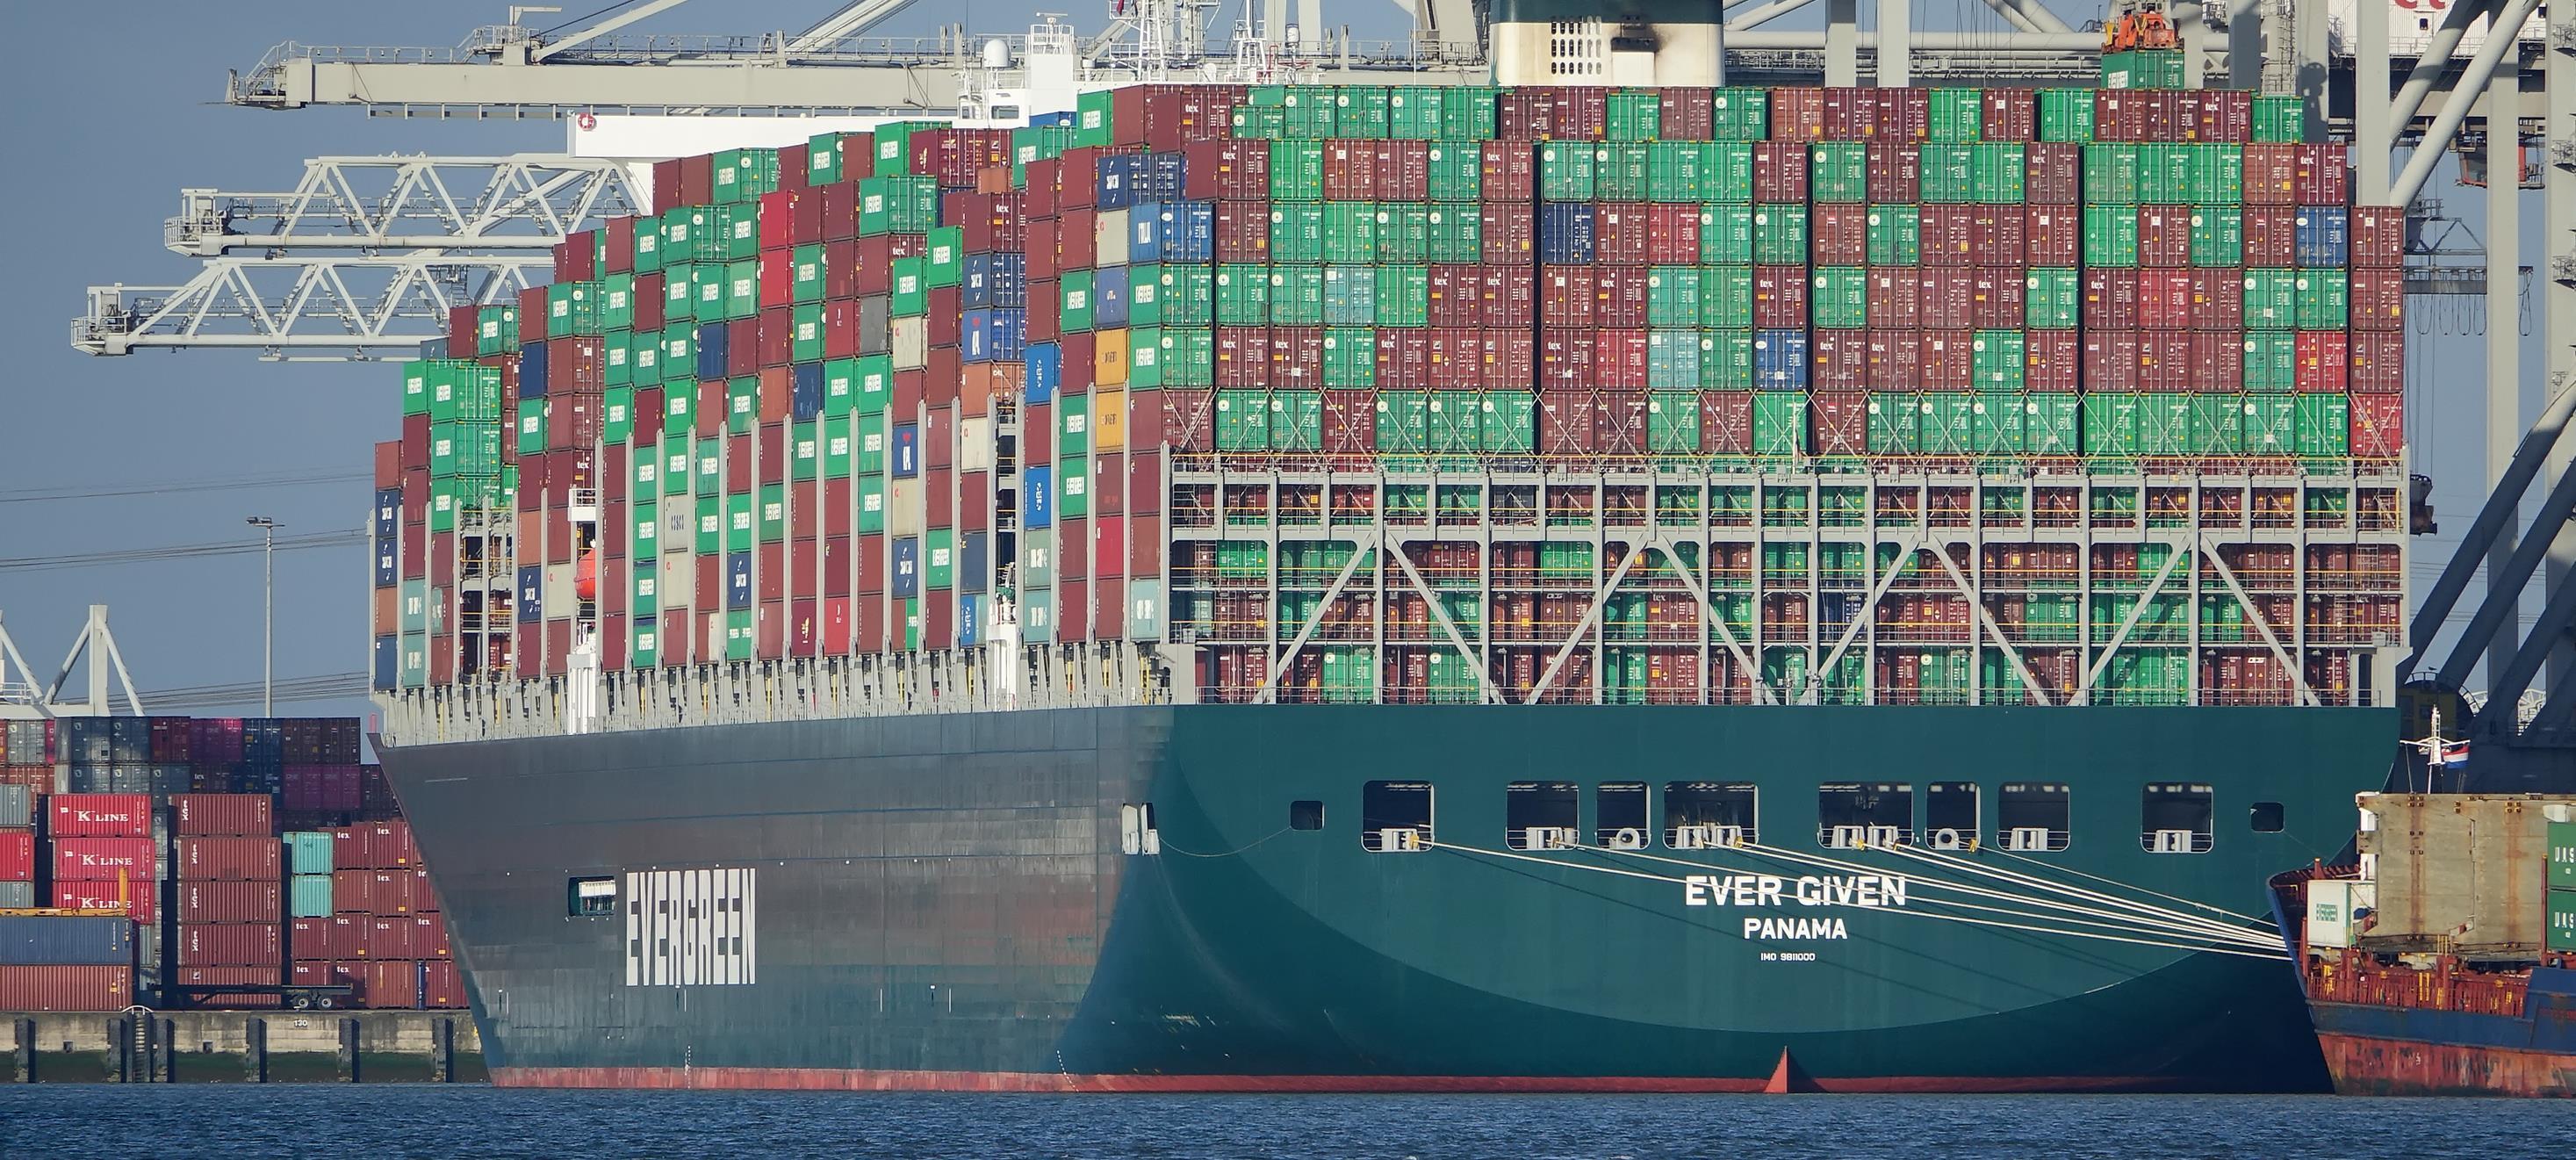 """مصر تفرج عن سفينة الحاويات المحتجزة بقناة السويس """"إيفر غيفن"""""""